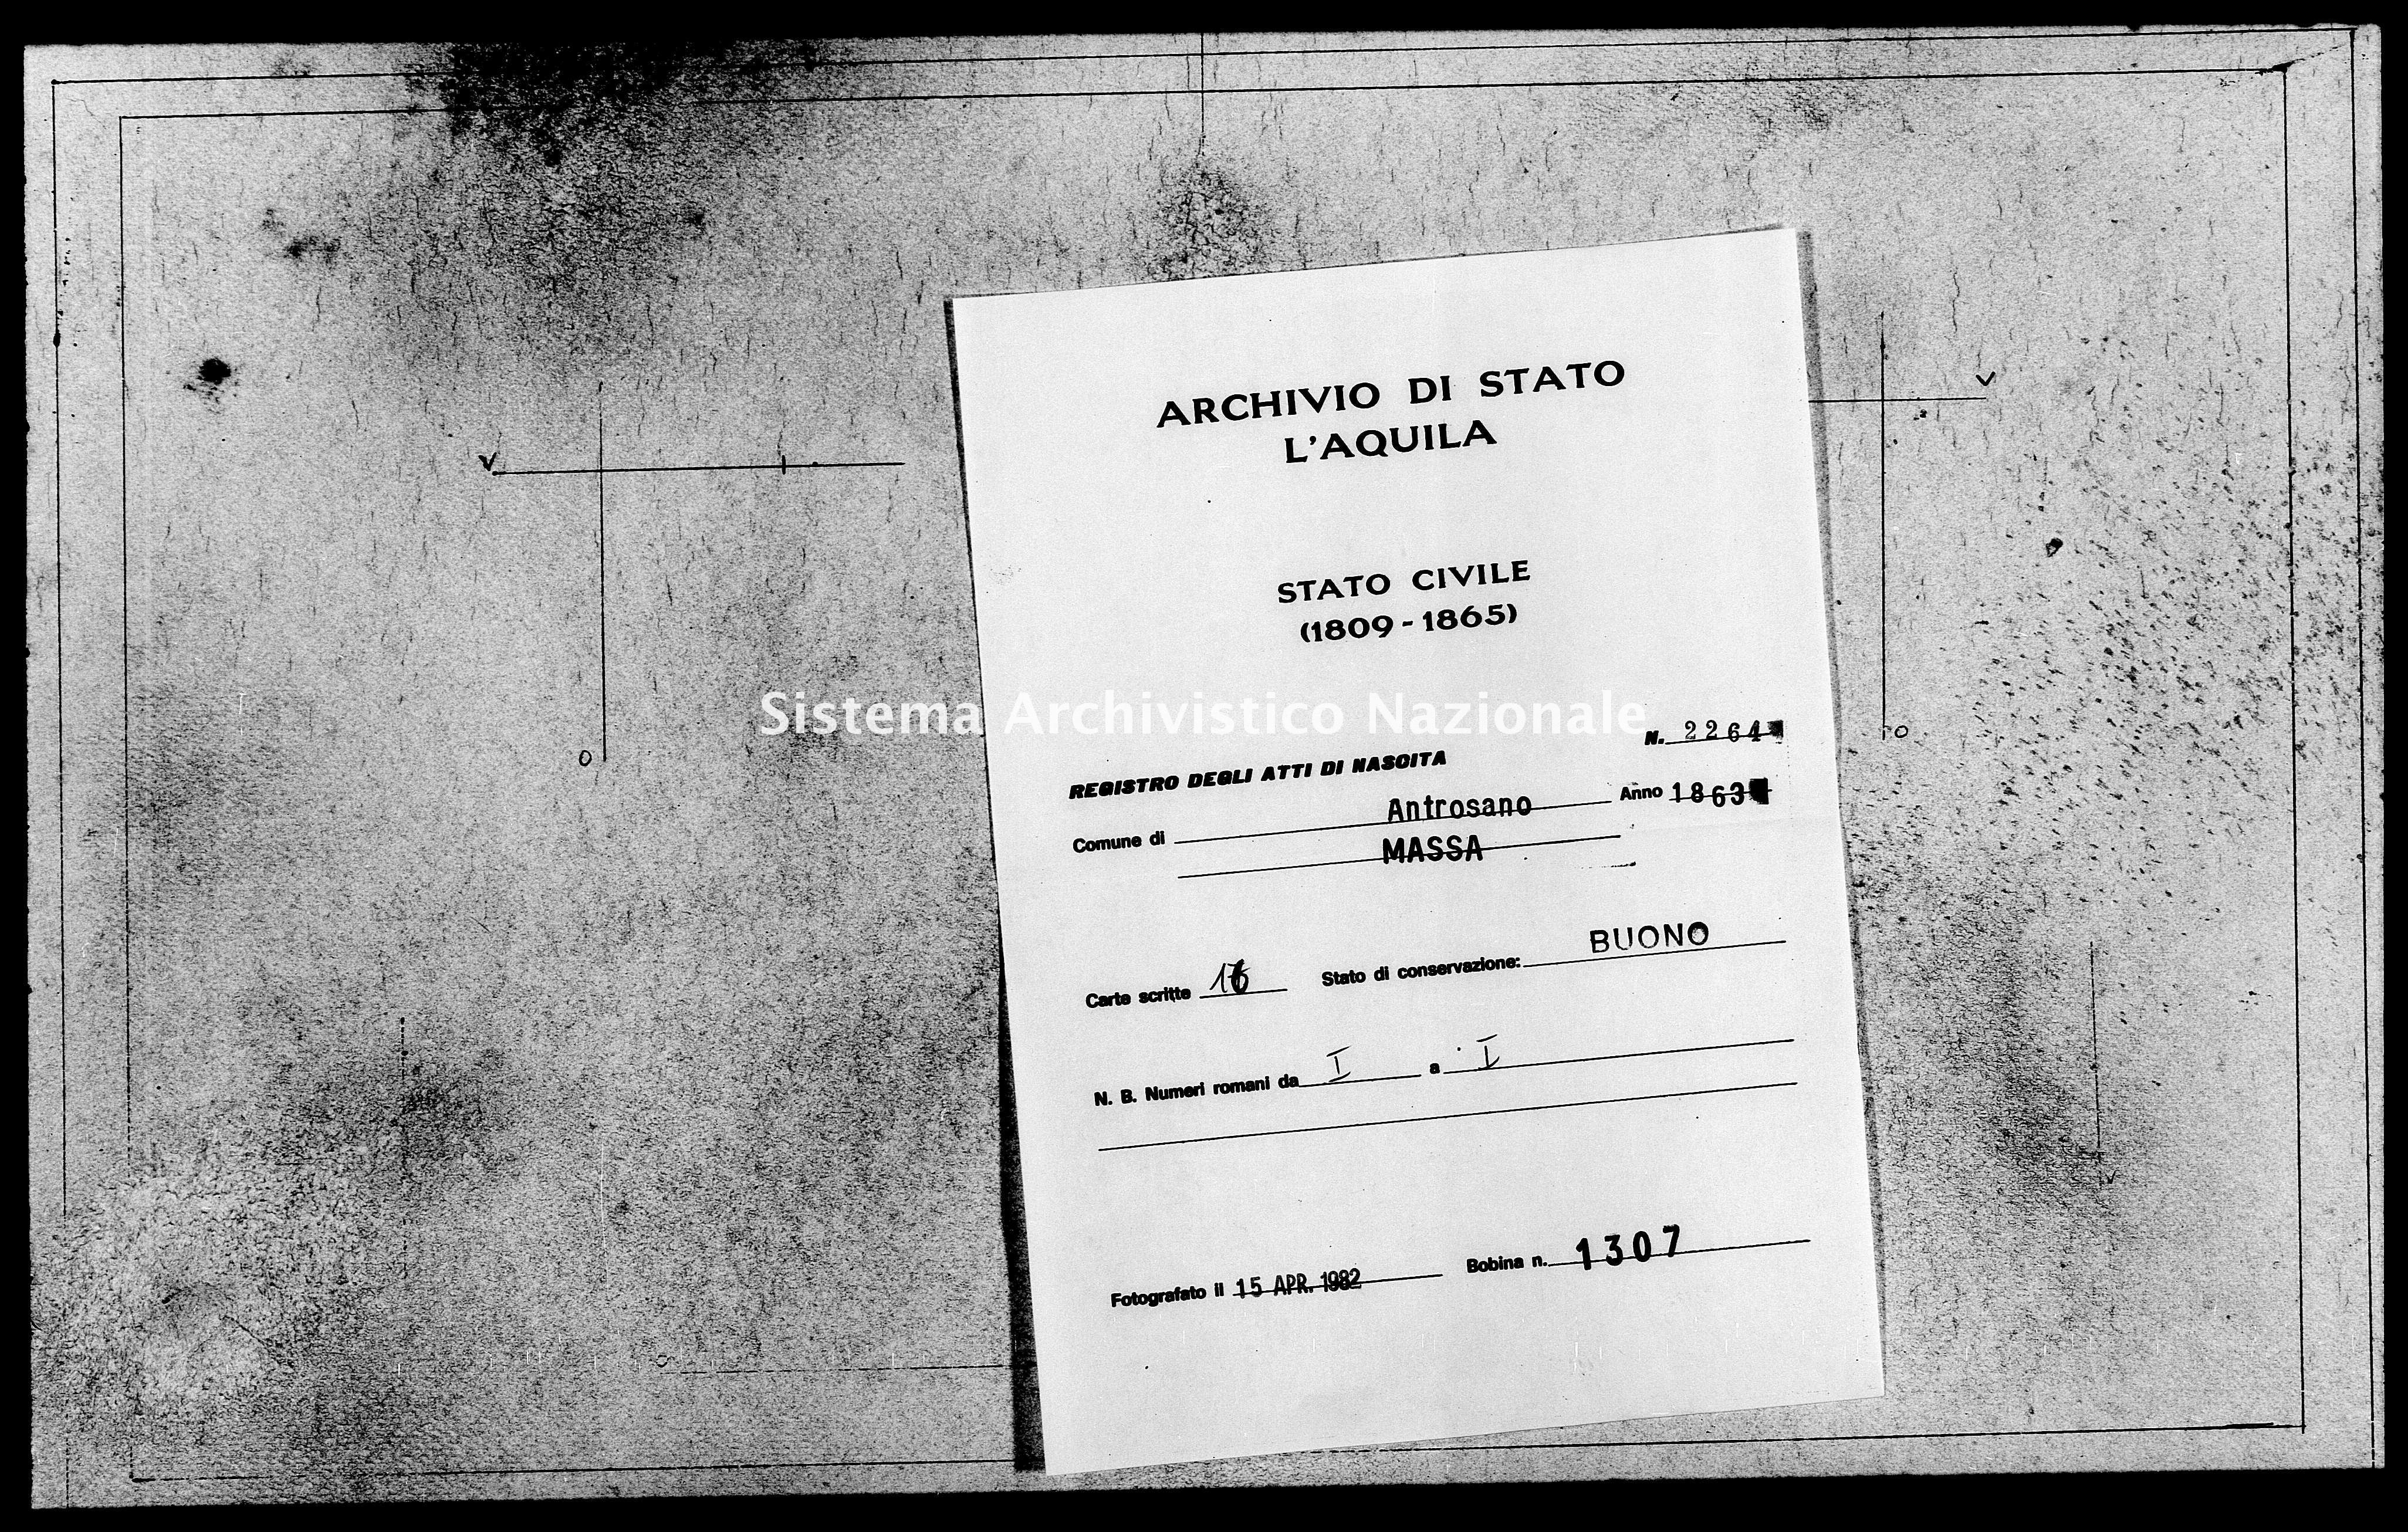 Archivio di stato di L'aquila - Stato civile italiano - Antrosano - Nati - 1863 - 2264 -